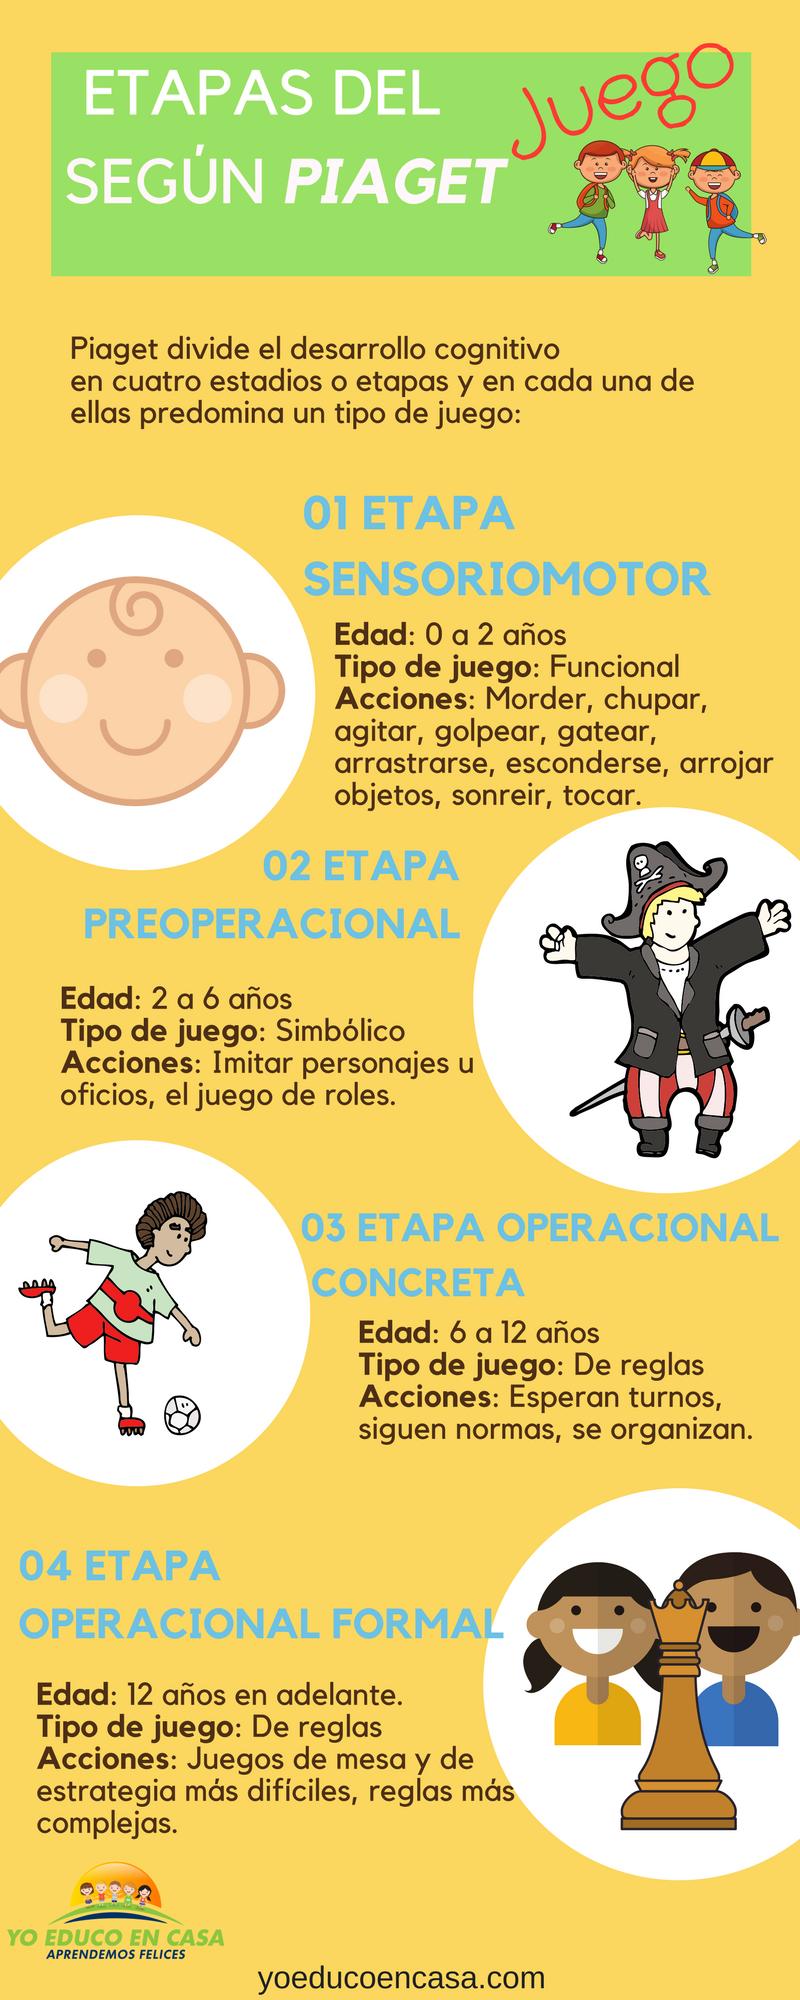 Etapas De Desarrollo Y El Juego Según Piaget Cada Etapa Tiene Un Tipo De Juego P Pedagogia Infantil Psicologia Del Aprendizaje Educacion Emocional Infantil